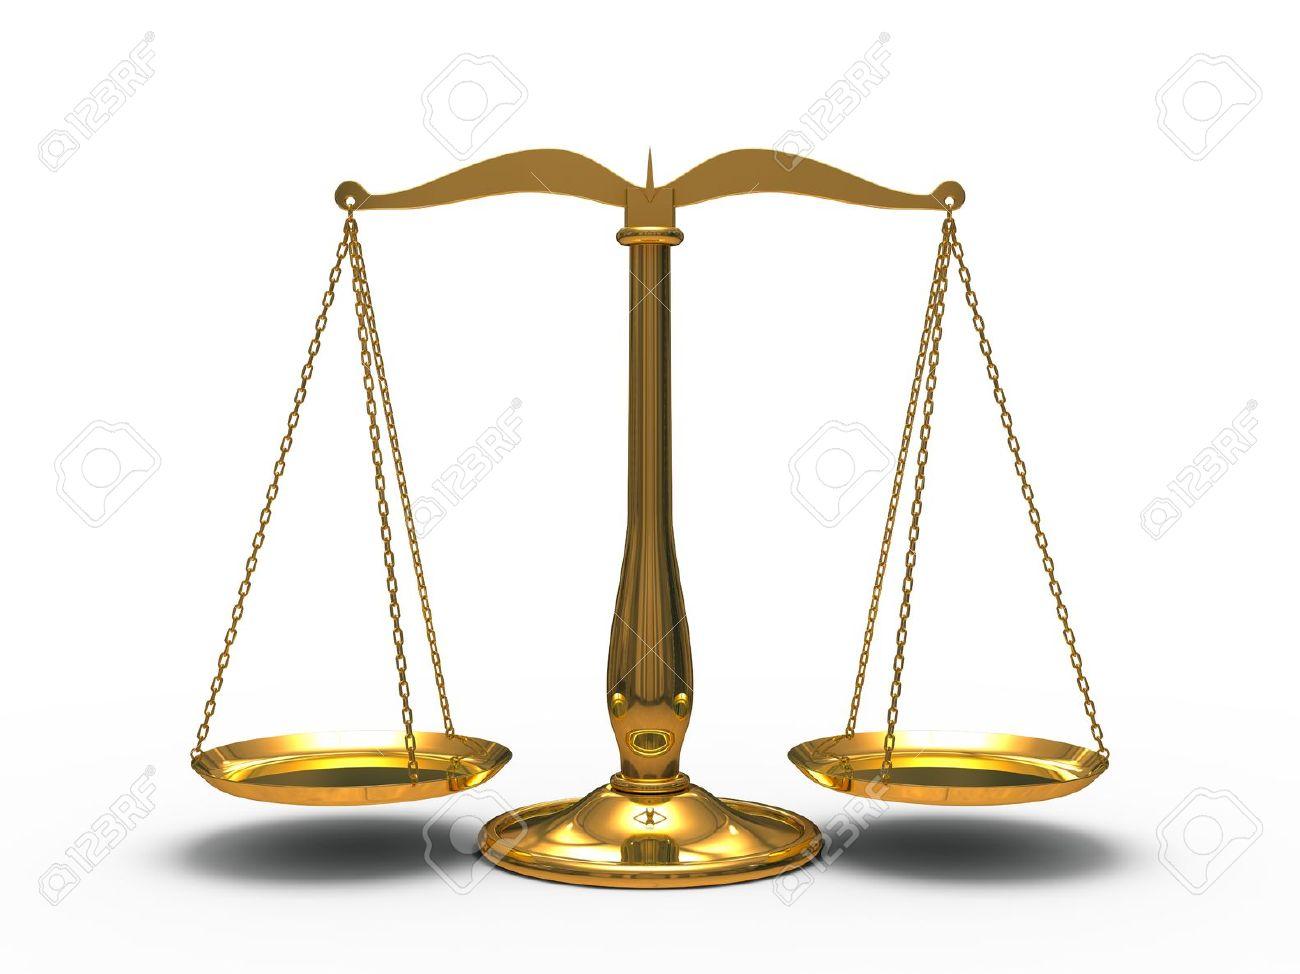 Oro-bilancia-della-giustizia-isolato-su-sfondo-bianco-Archivio-Fotografico